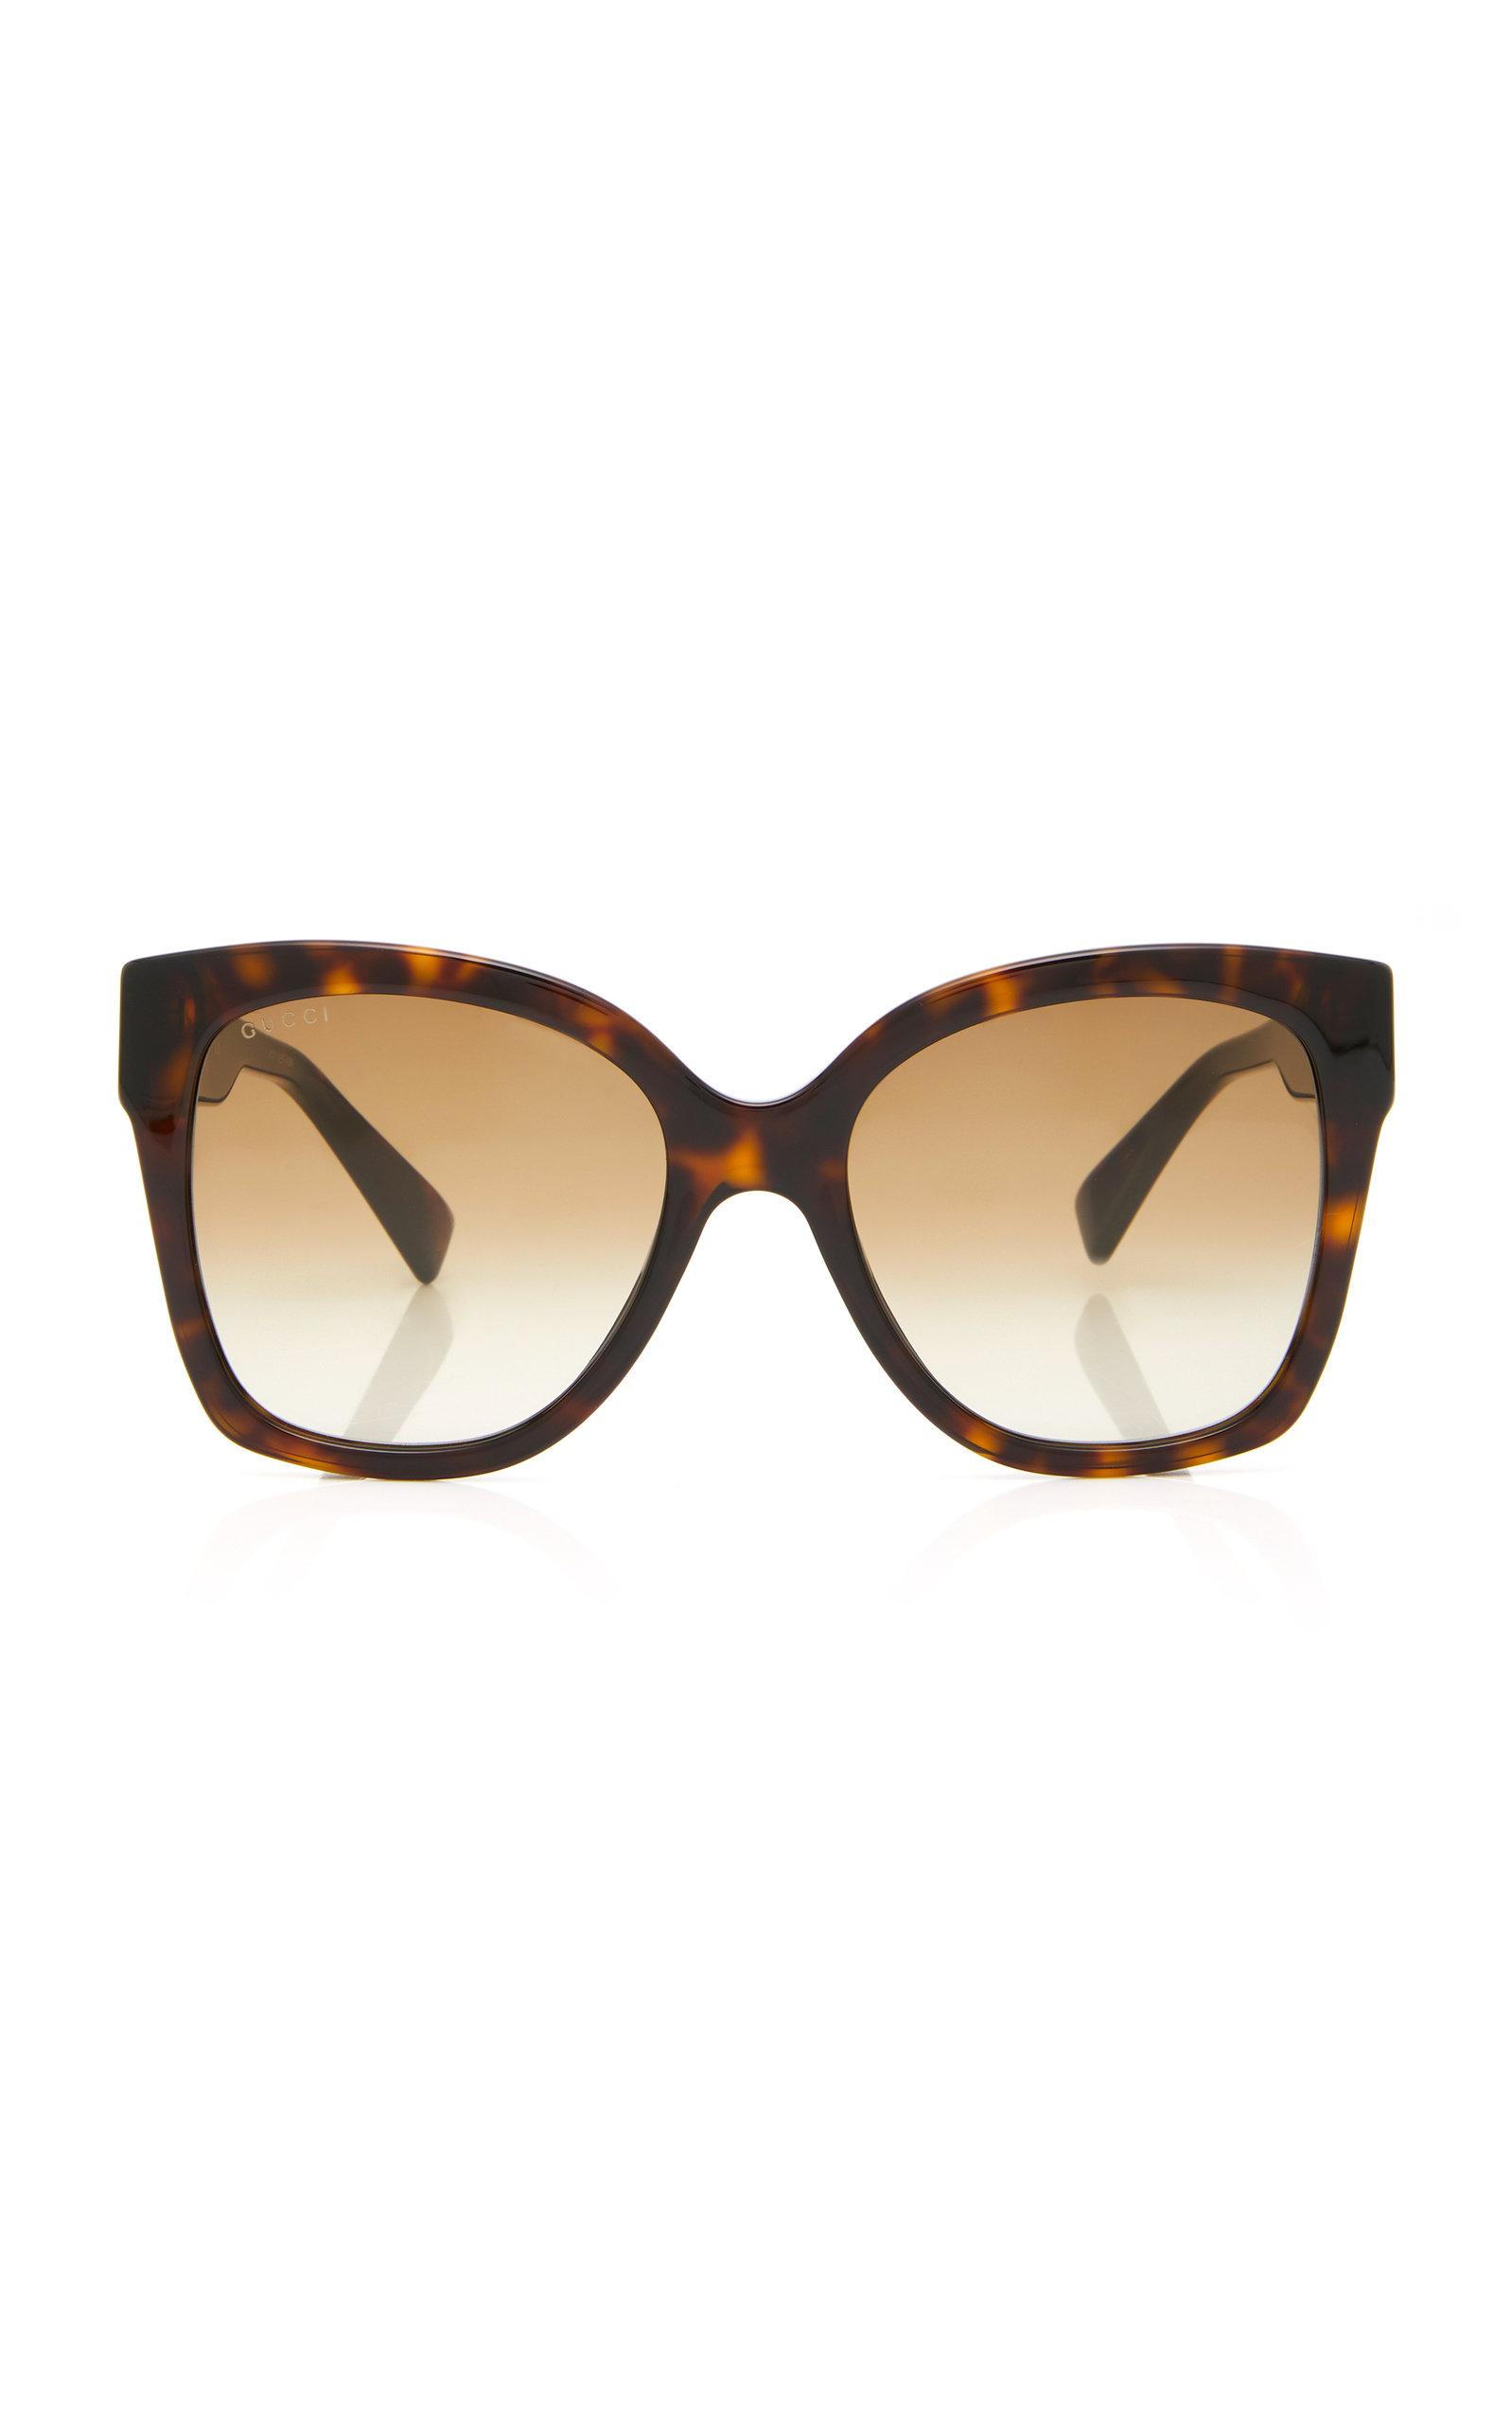 GUCCI | Gucci Sunglasses Web Plaque Oversized Acetate Square-Frame Sunglasses | Goxip